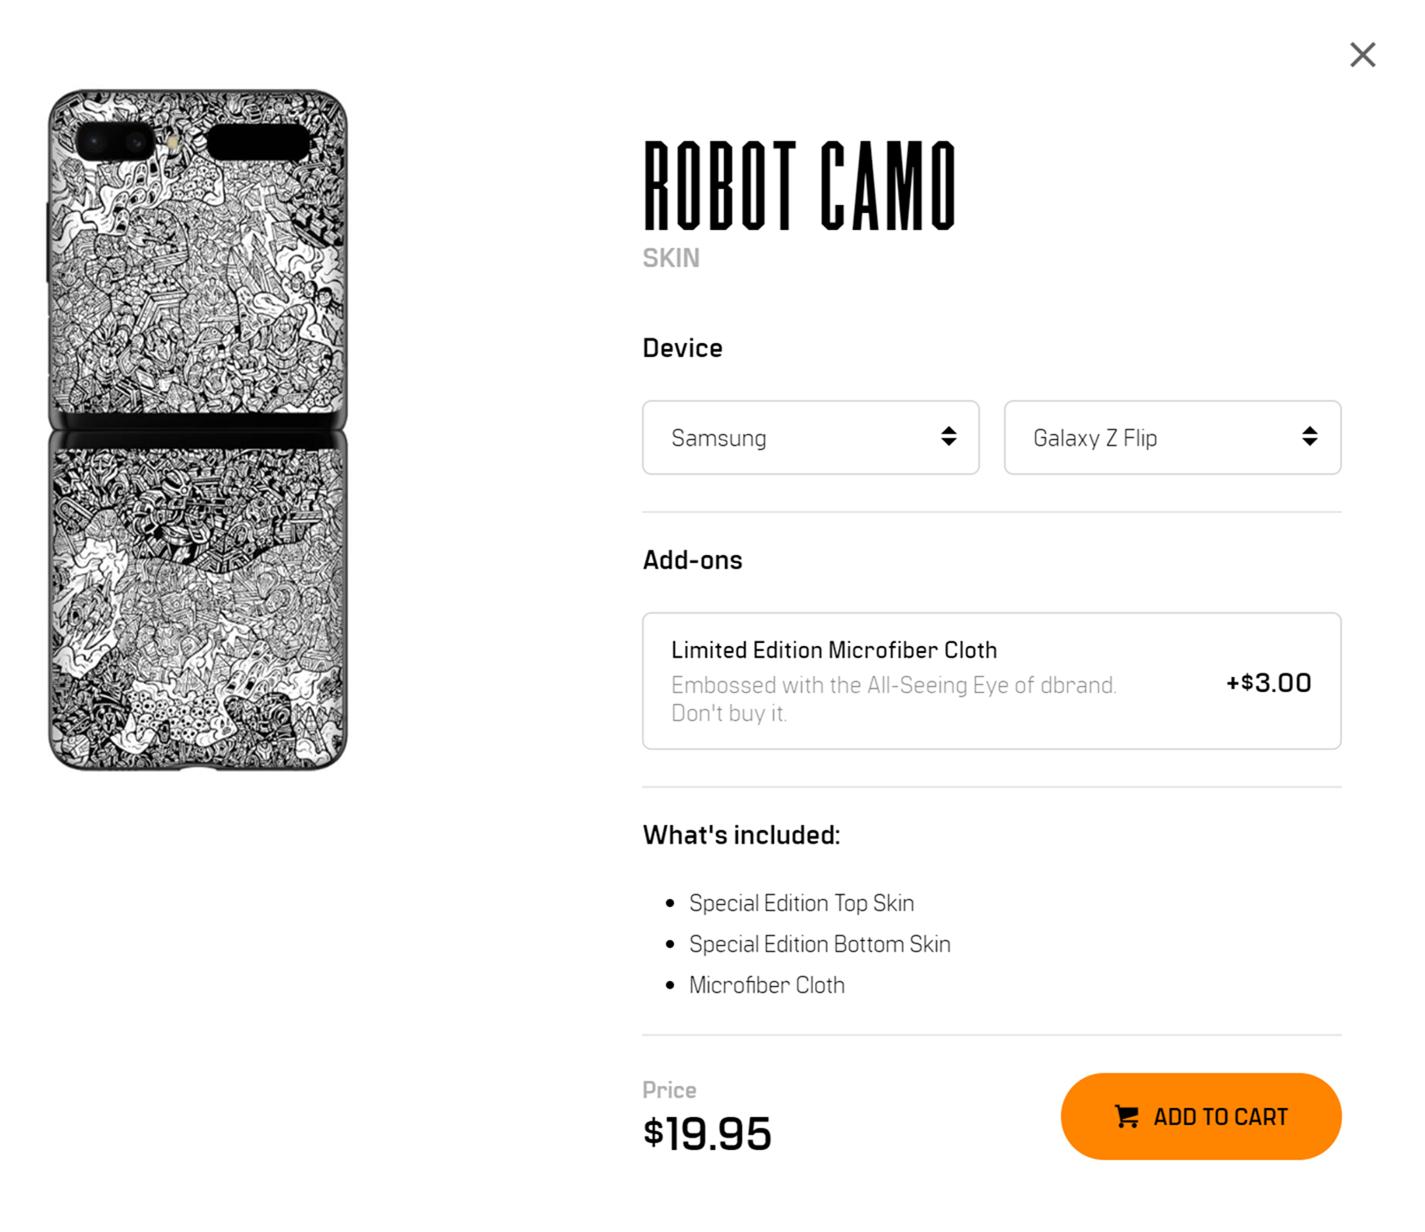 幫 Z Flip 找好看保護配件!ROBOT CAMO『機器人迷彩』機身保護貼 @3C 達人廖阿輝